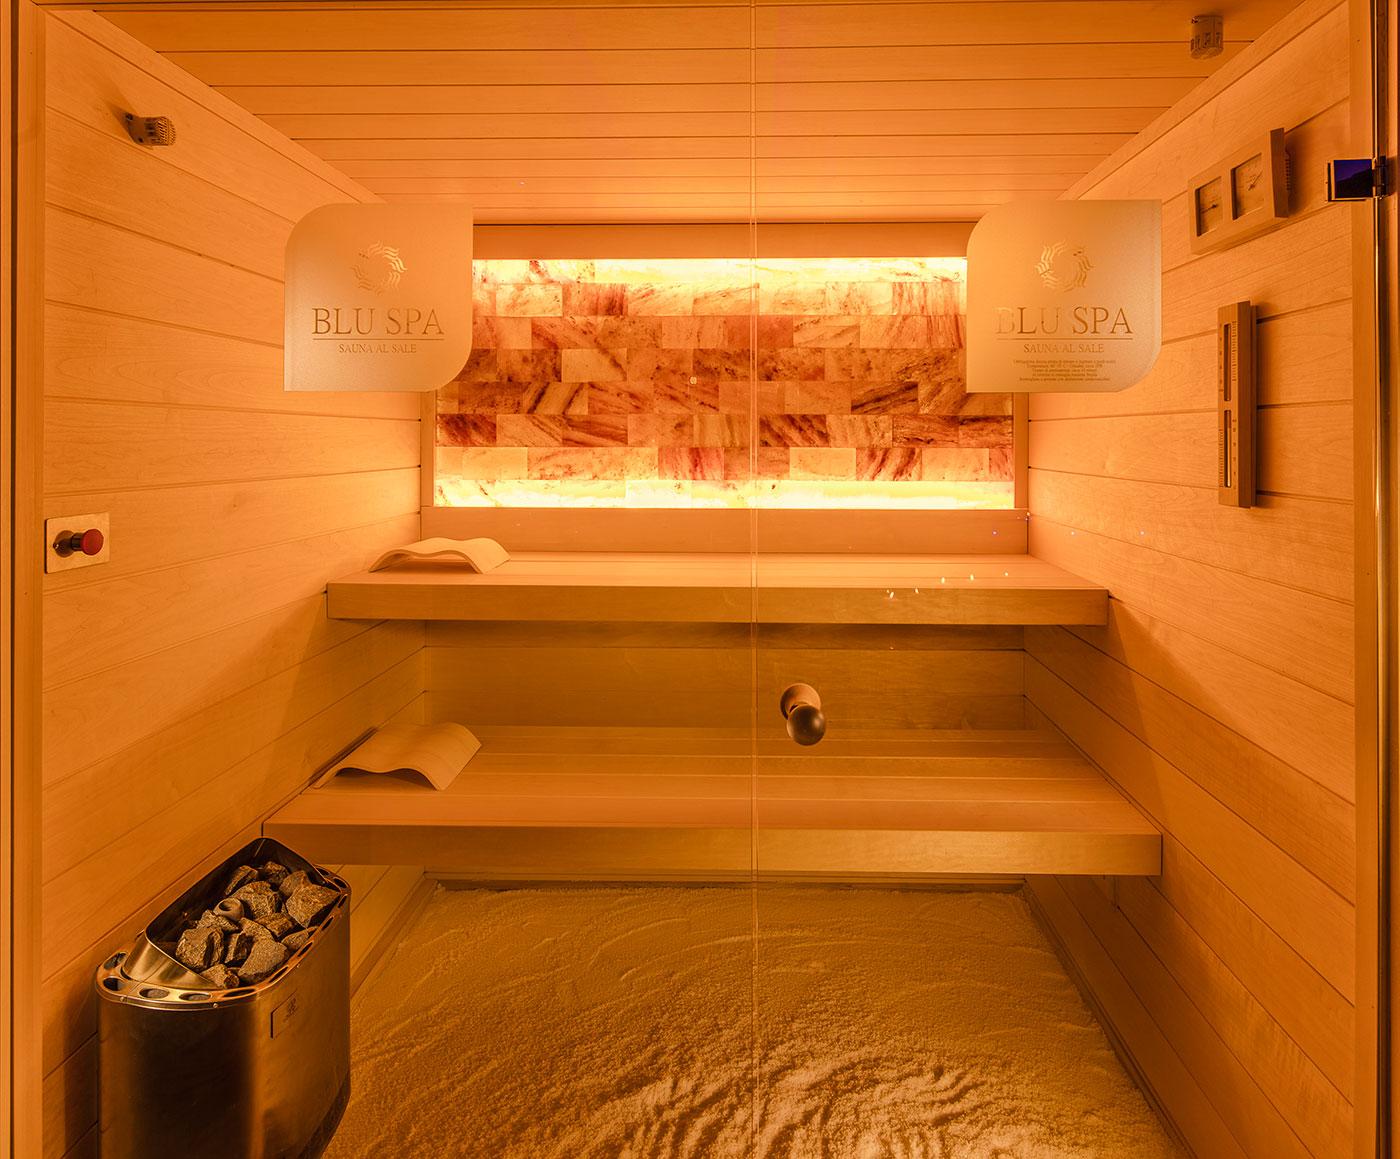 Sauna al Sale dell\' Himalaya - Blu Spa - Centro Benessere